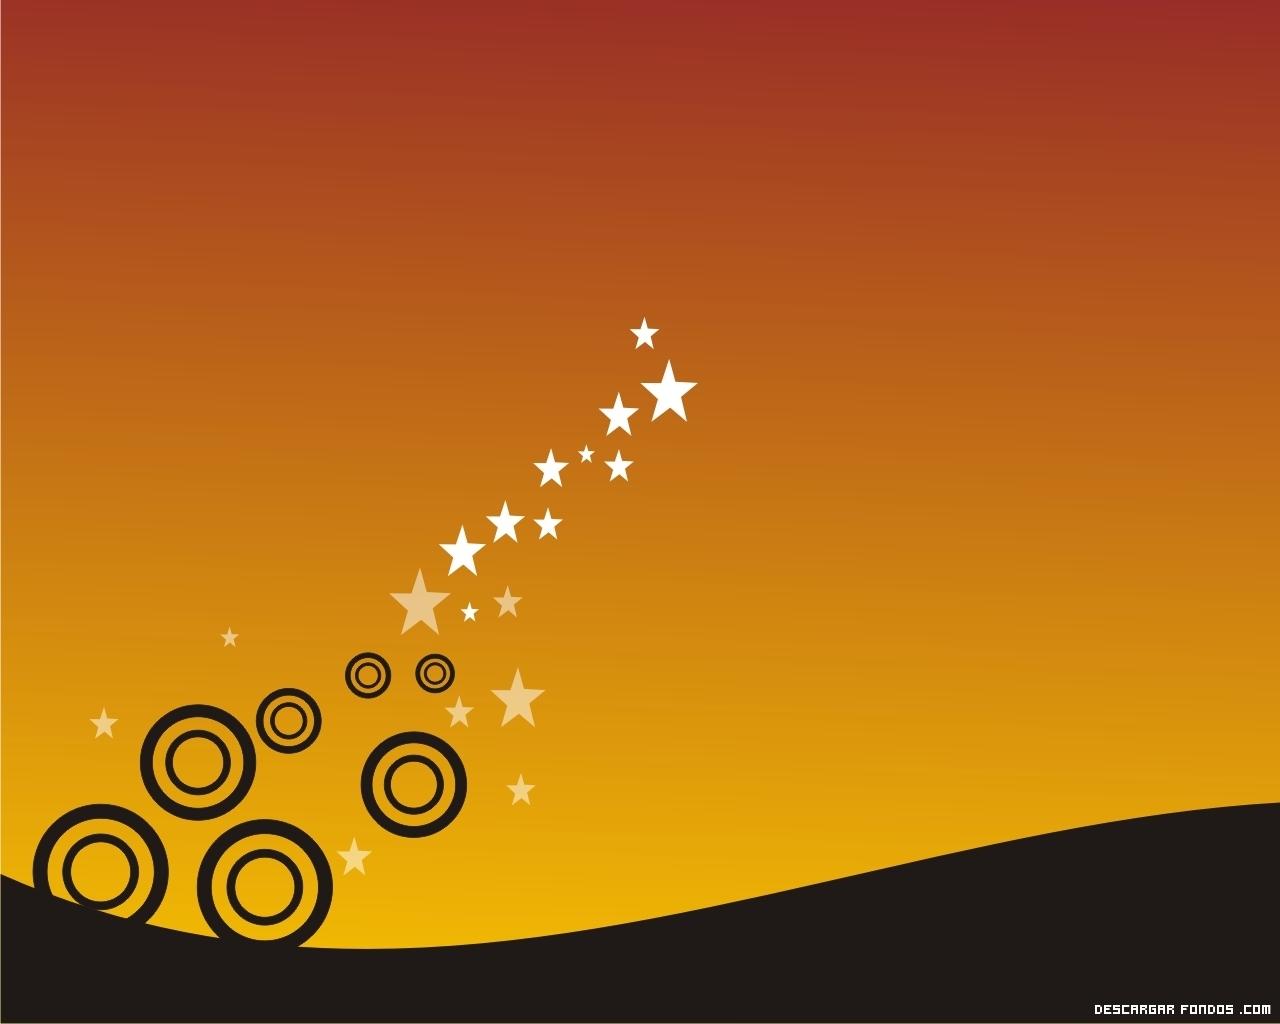 El fondo amarillo con estrellas